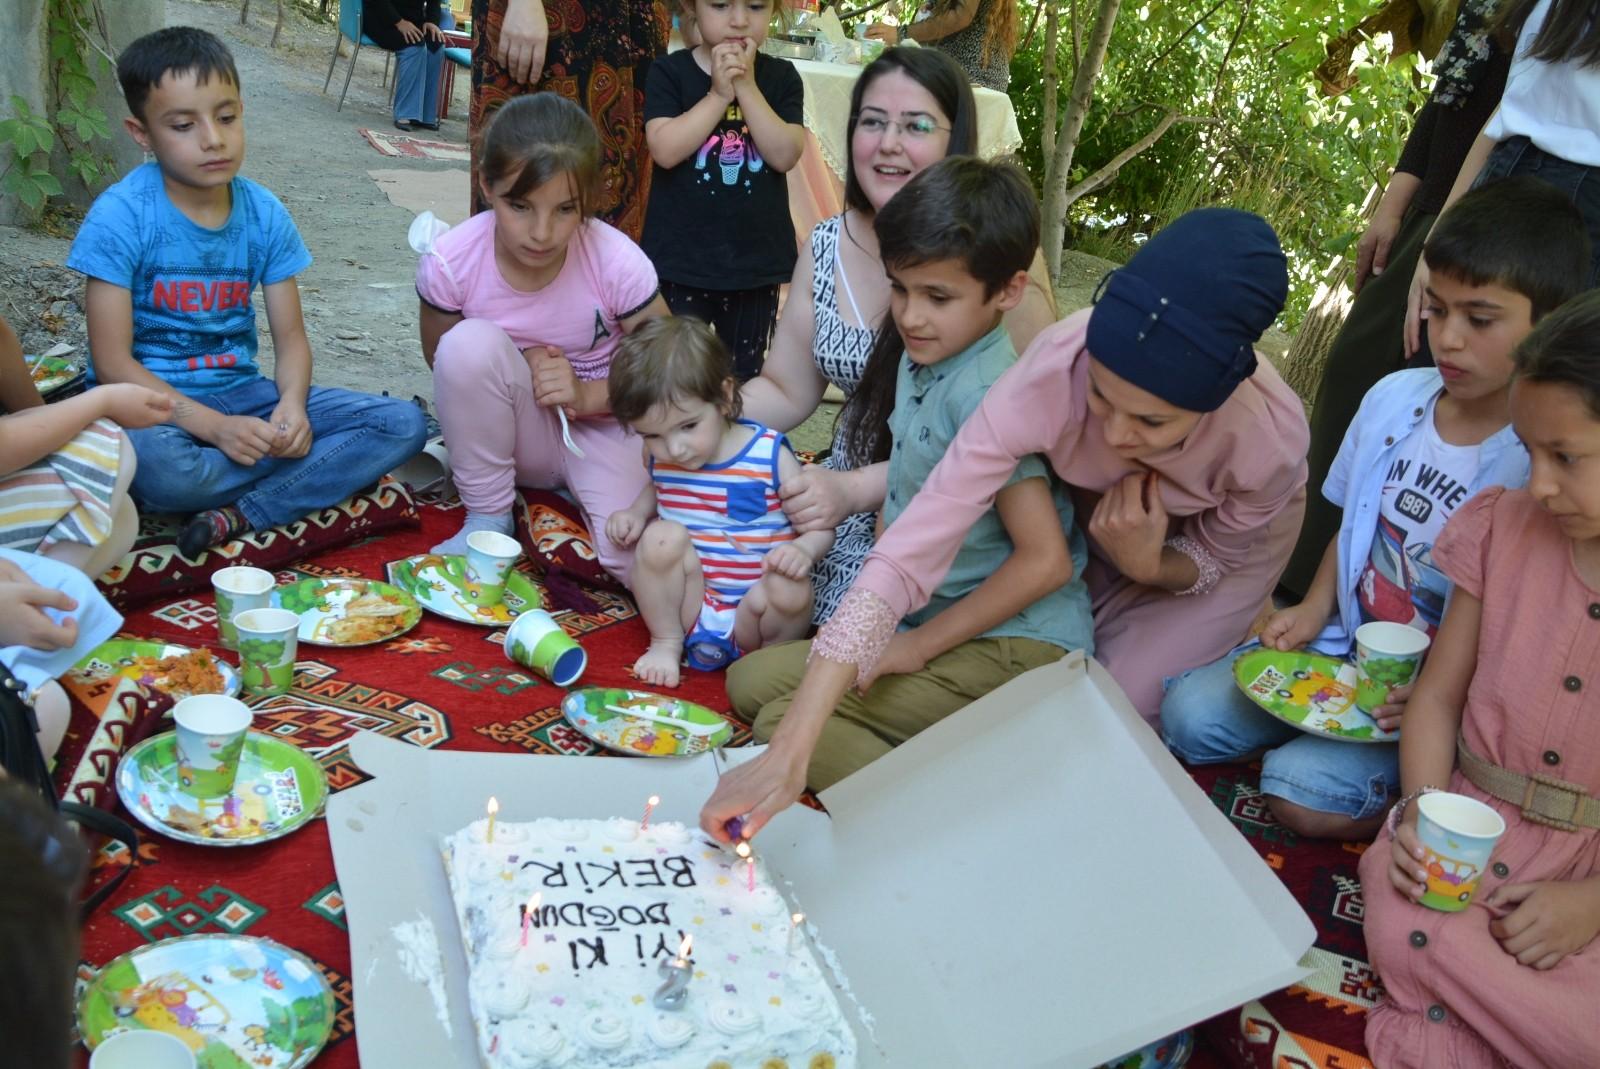 Hakkari'de masal ve doğum günü etkinliği